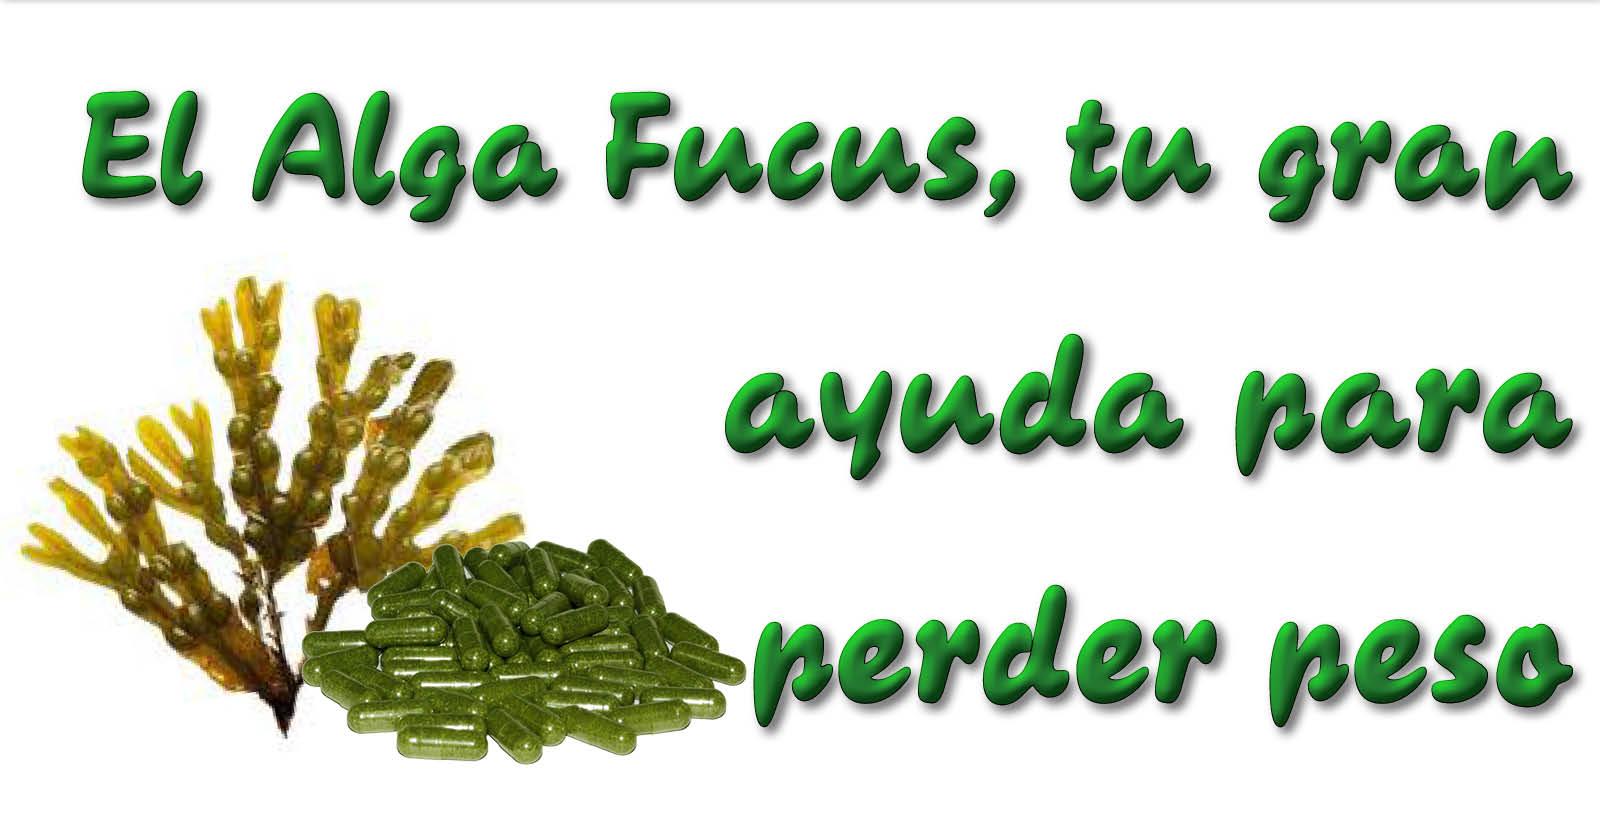 Algas fucus adelgazar y